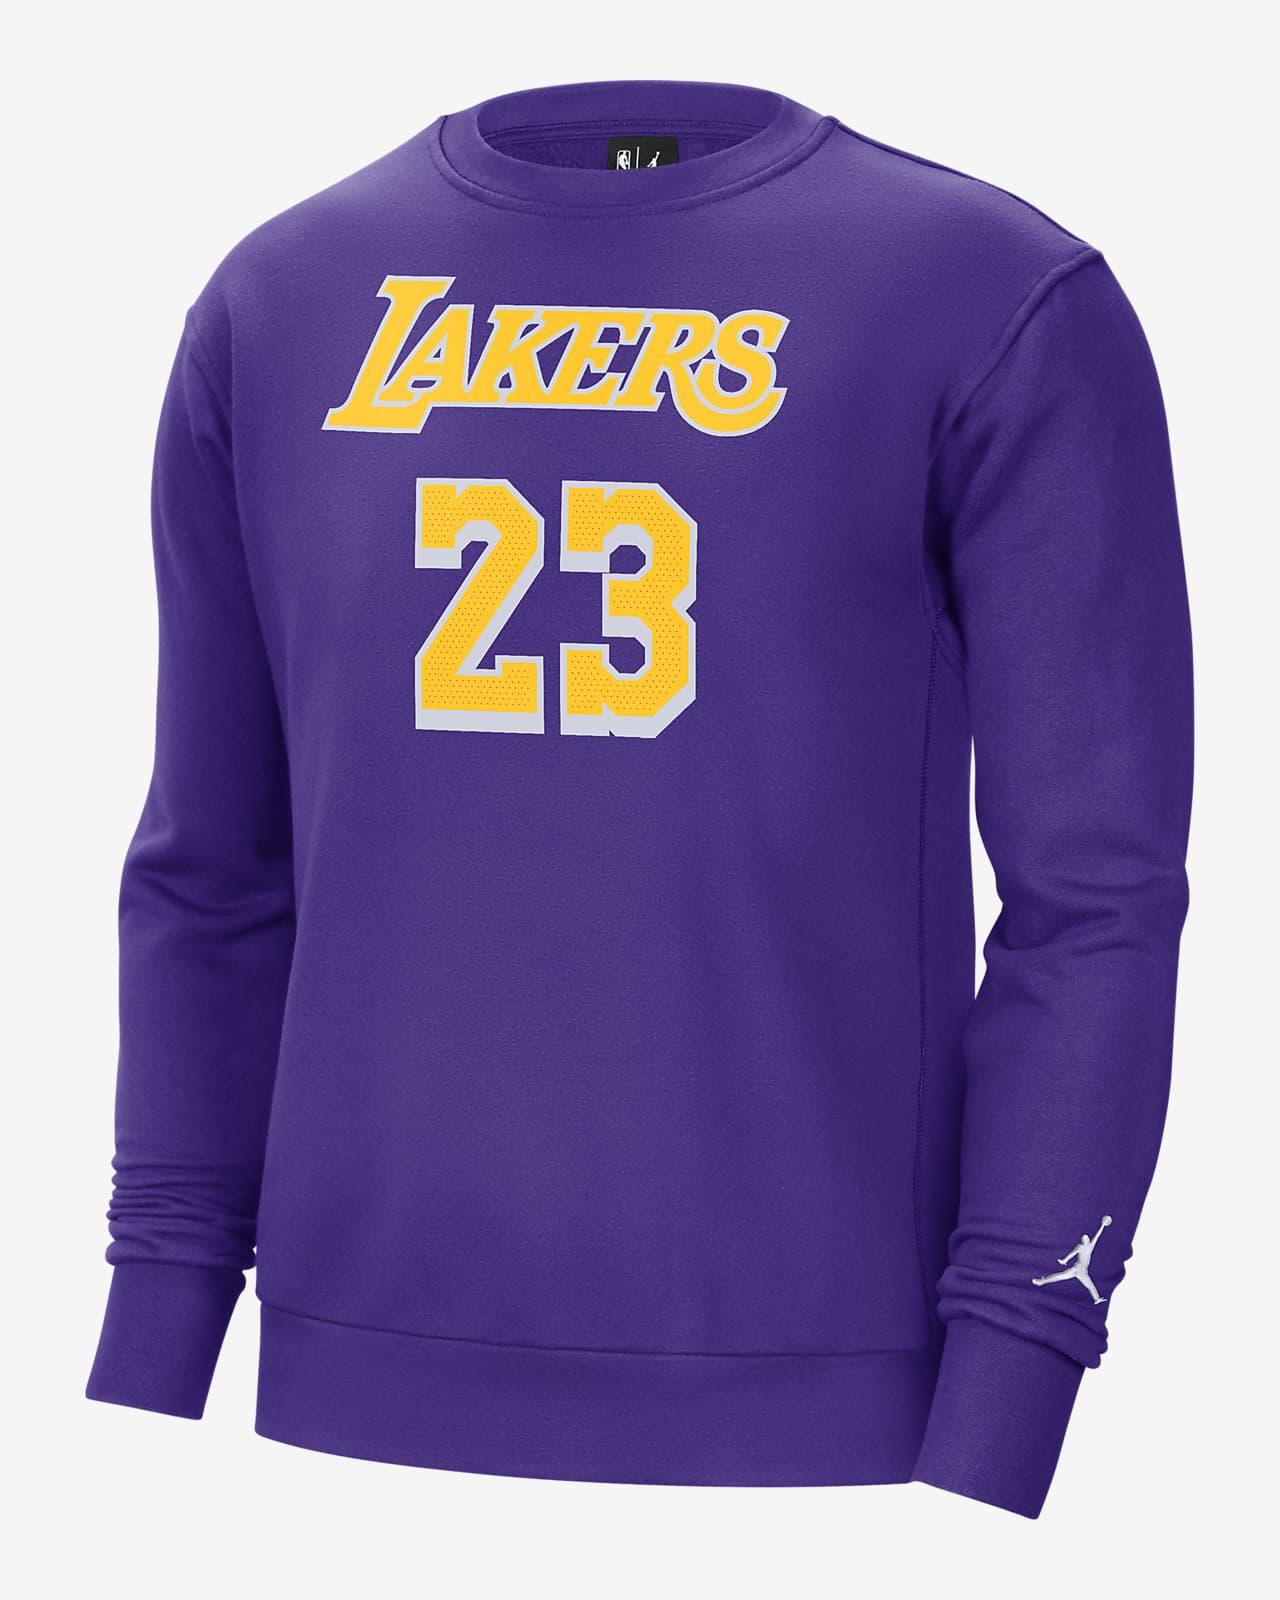 洛杉矶湖人队 Statement Edition Jordan NBA 男子起绒圆领上衣